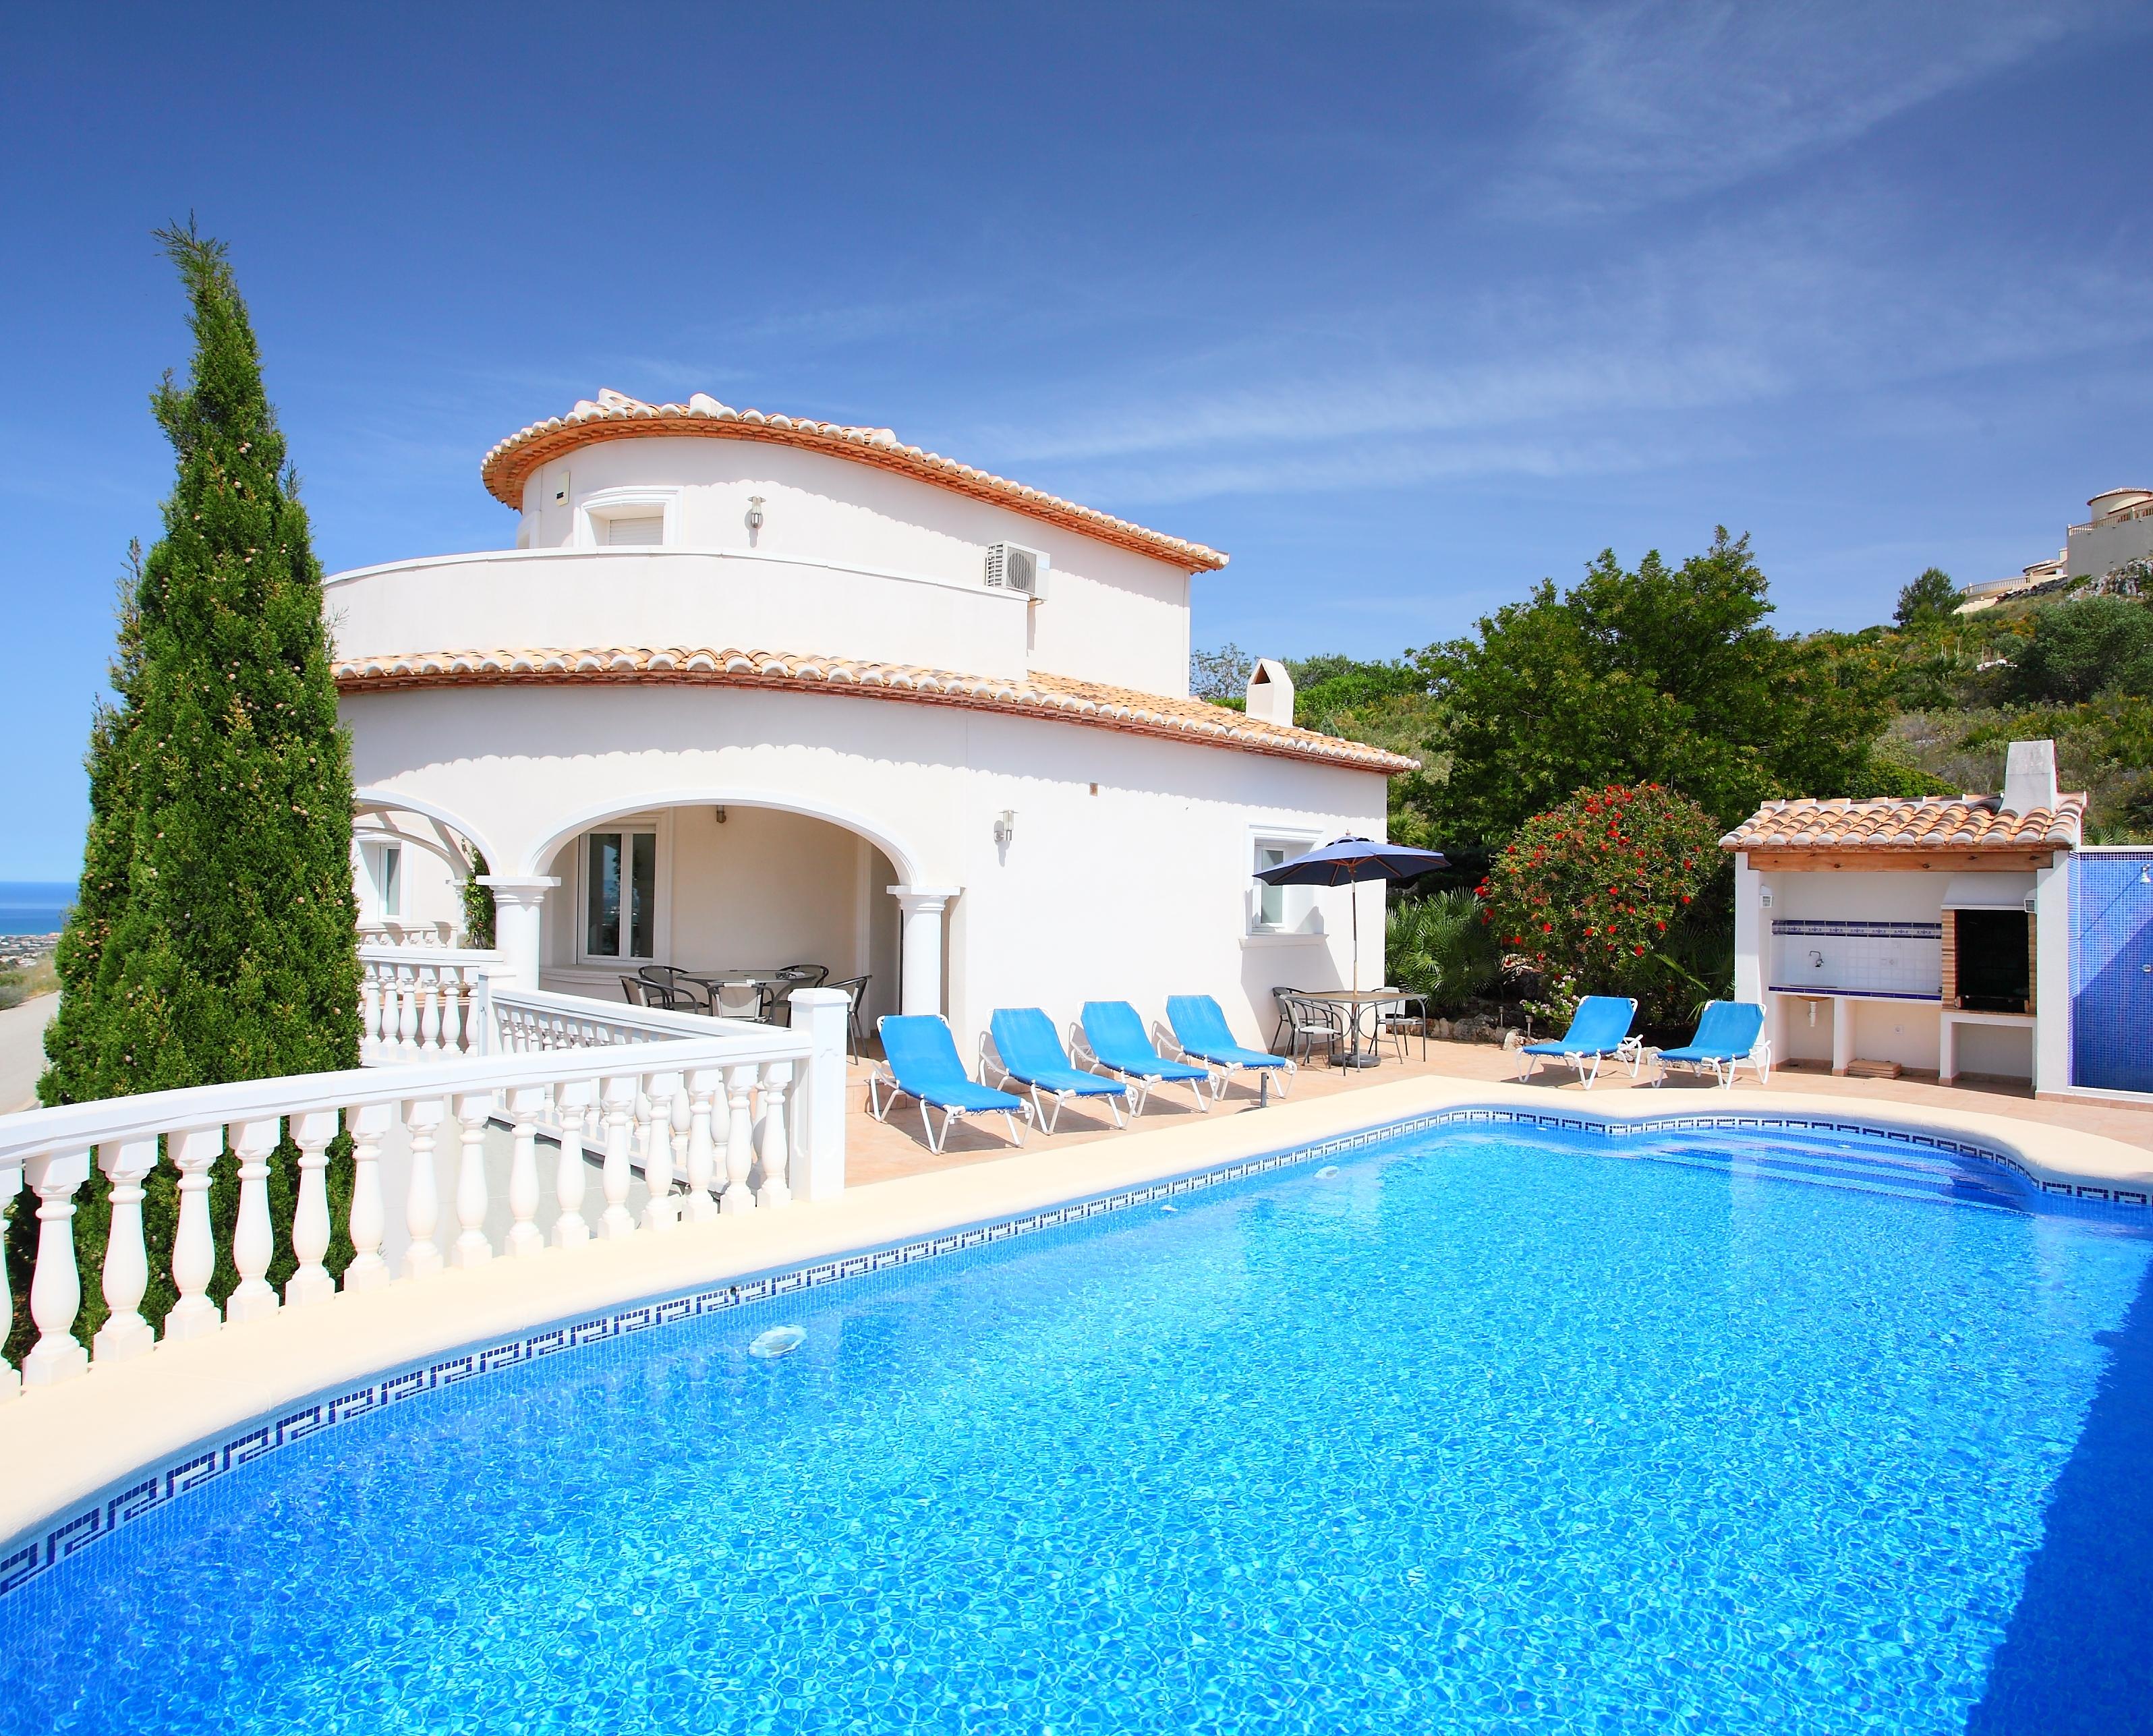 Espagne maison elegant mentions juaime lise morente for Inter home design